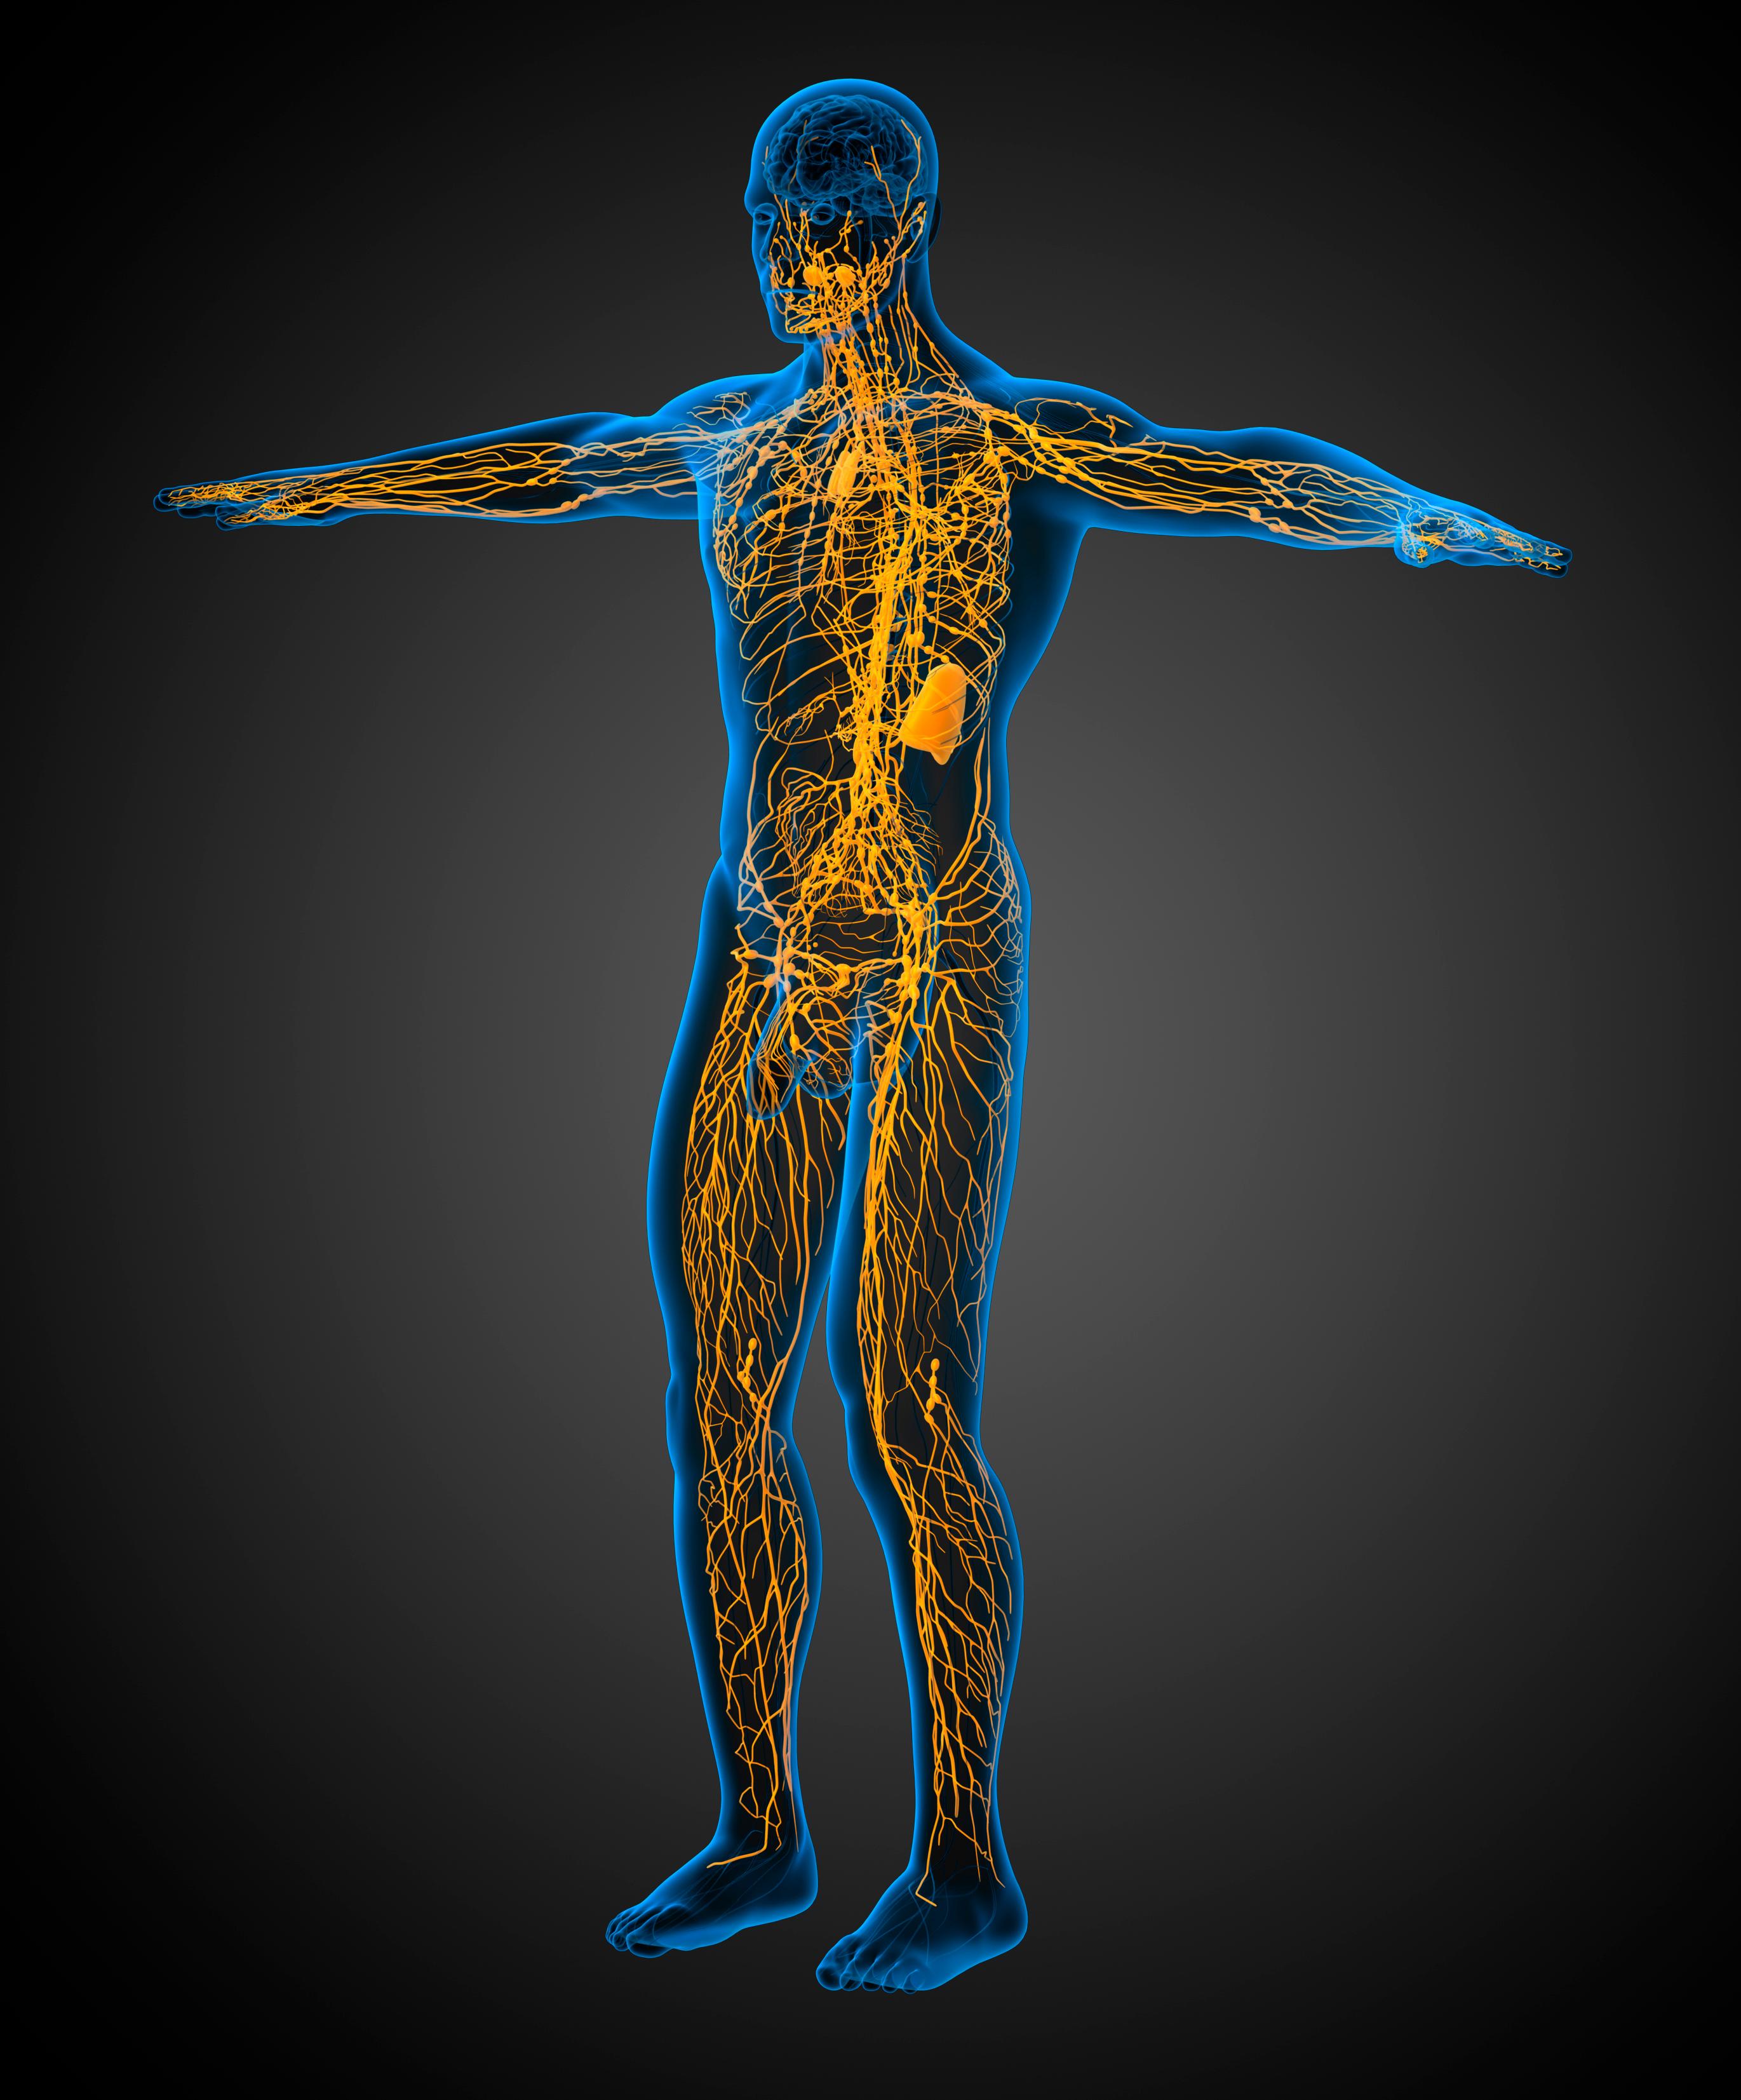 лимфатическая система очень напоминает кровеносную